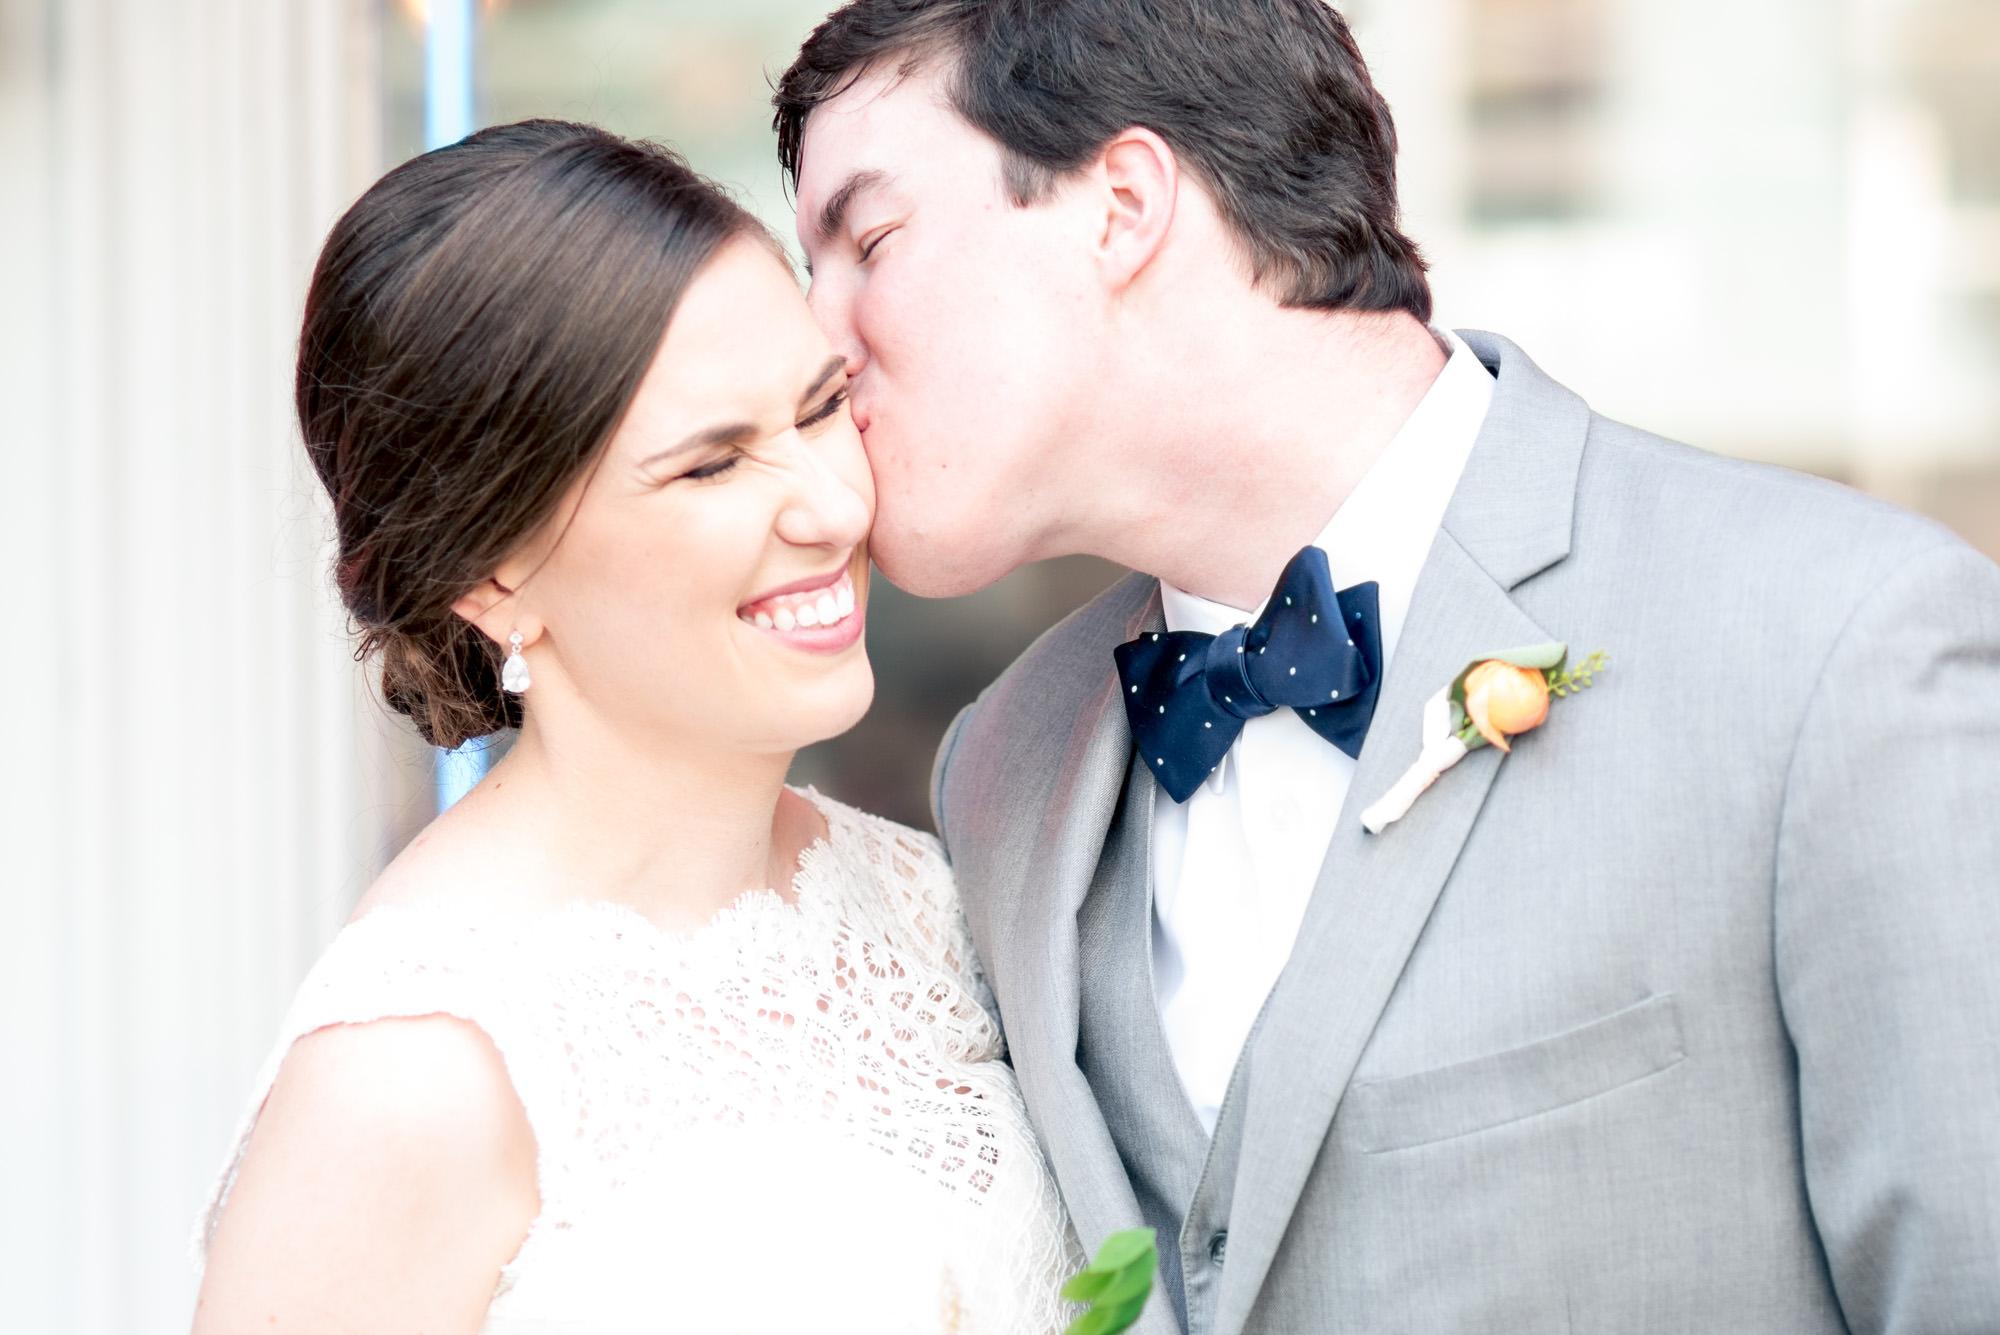 Athens-Georgia-wedding-kiss.jpg